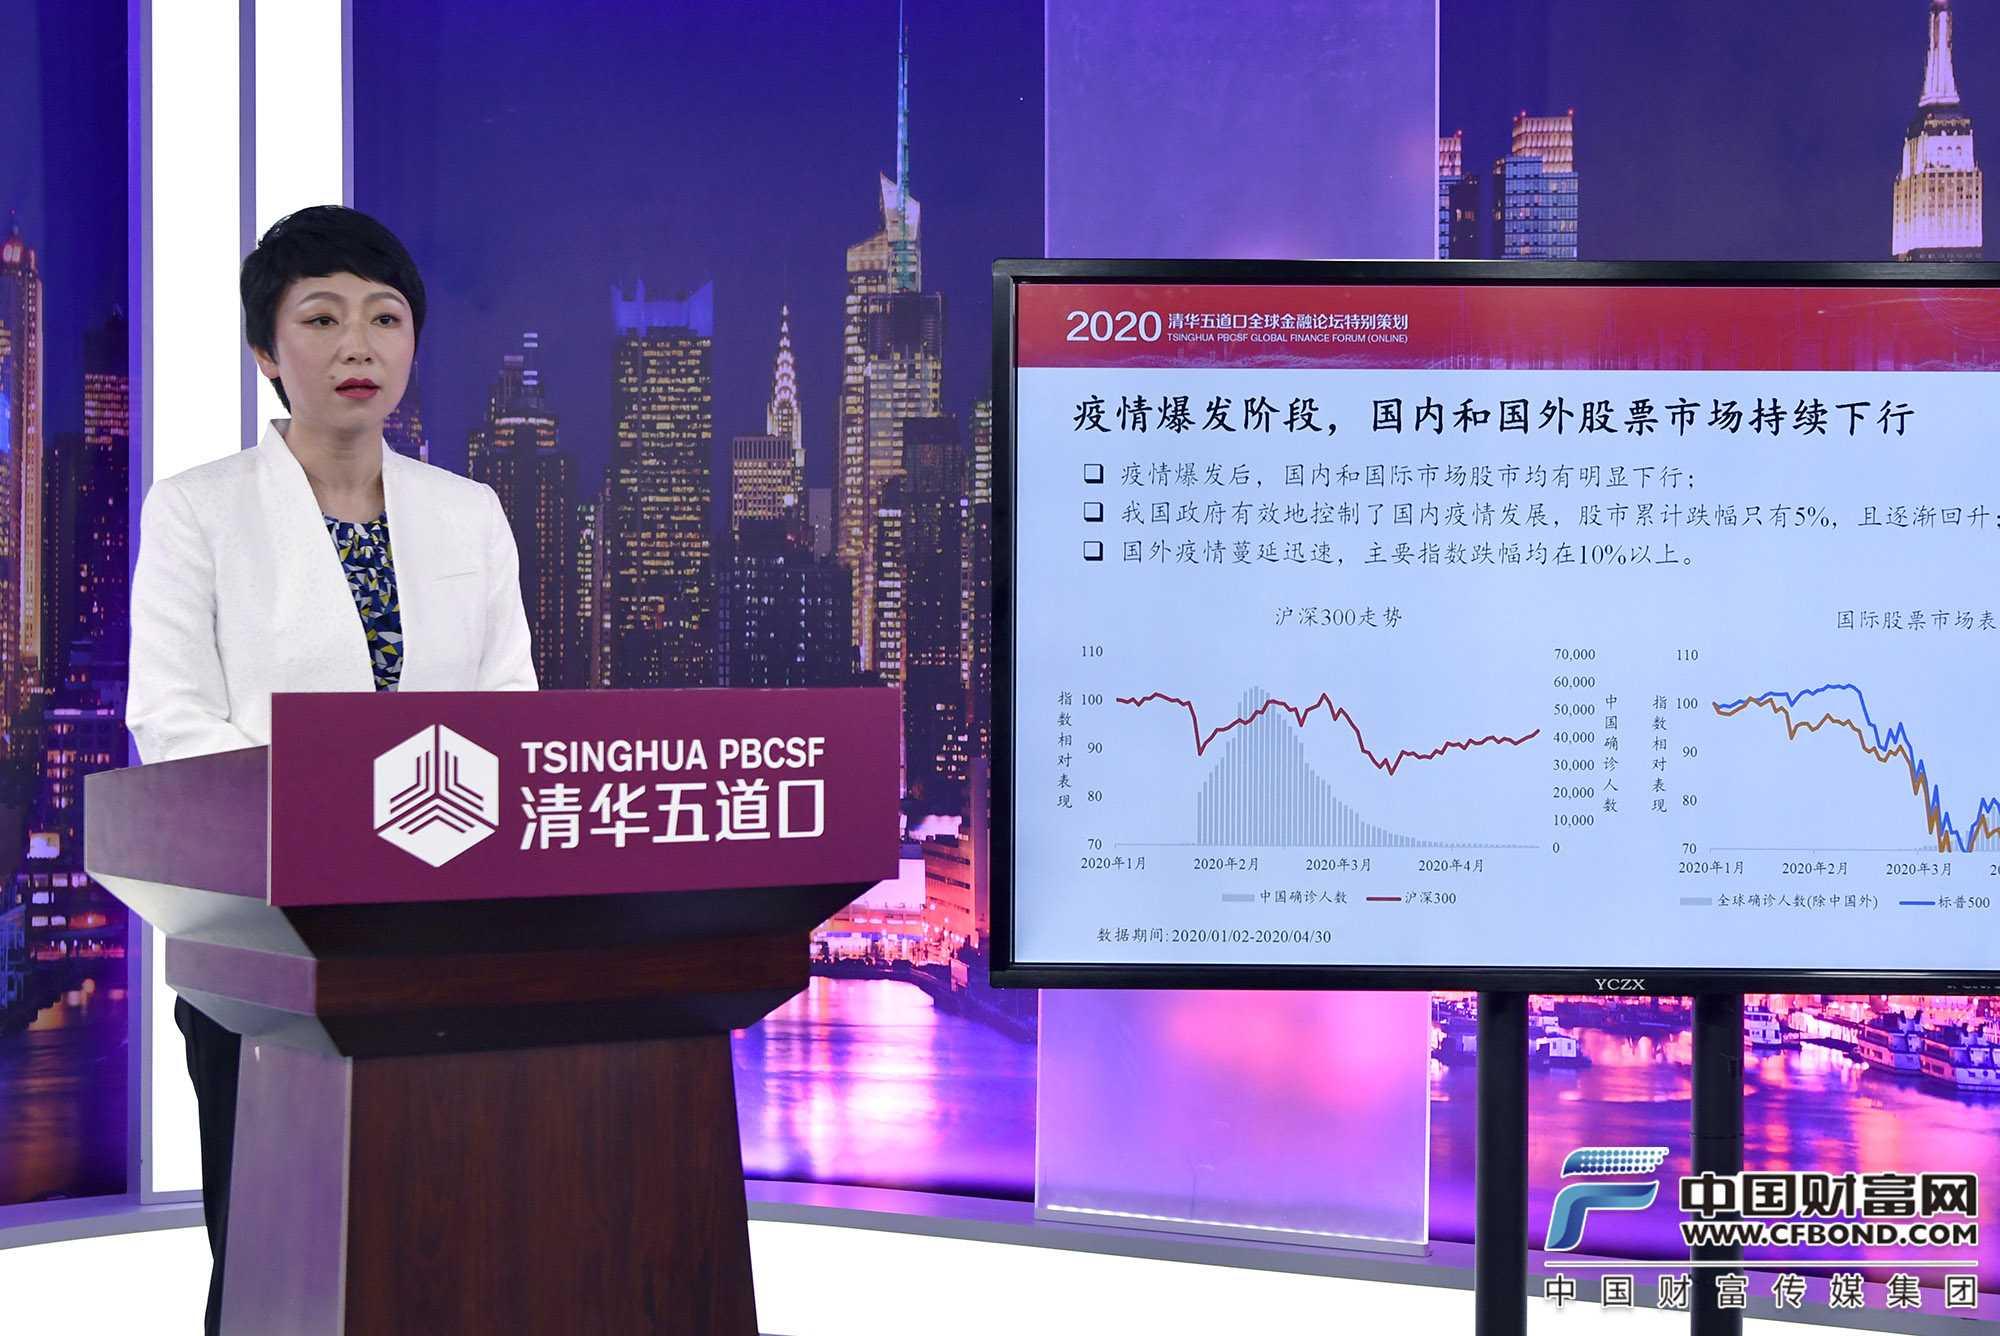 清华大学五道口金融学院副院长张晓燕